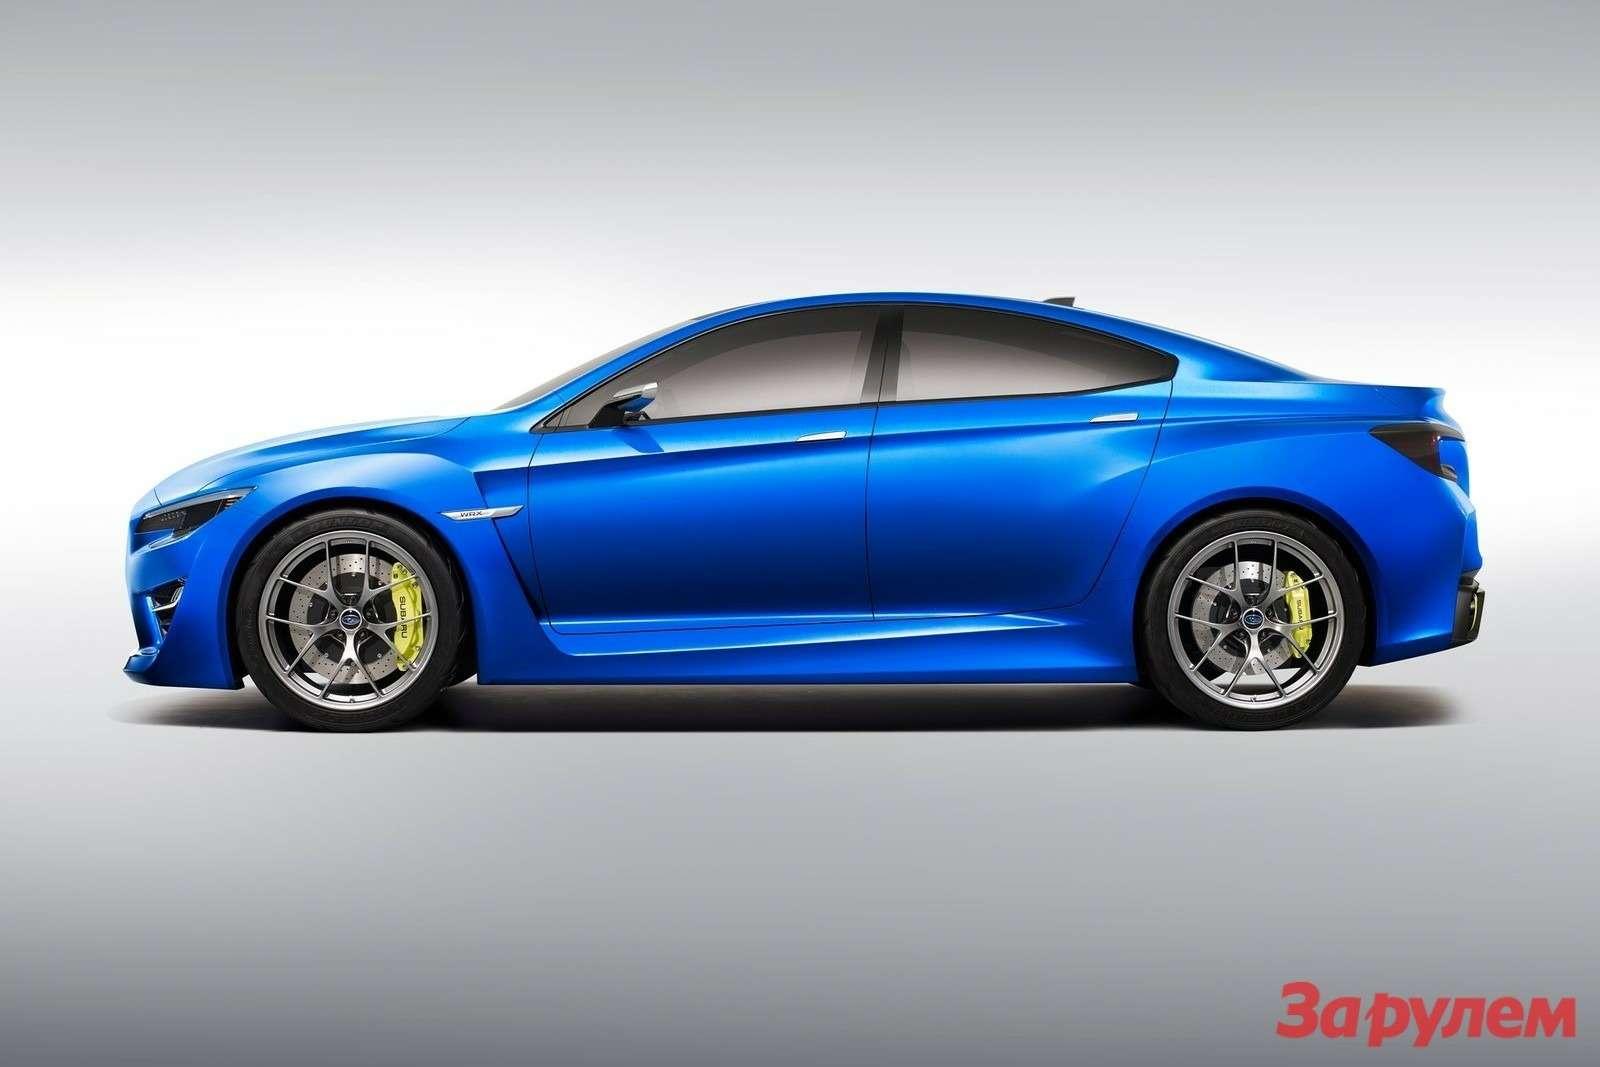 Subaru WRX Concept 2013 1600x1200 wallpaper 02